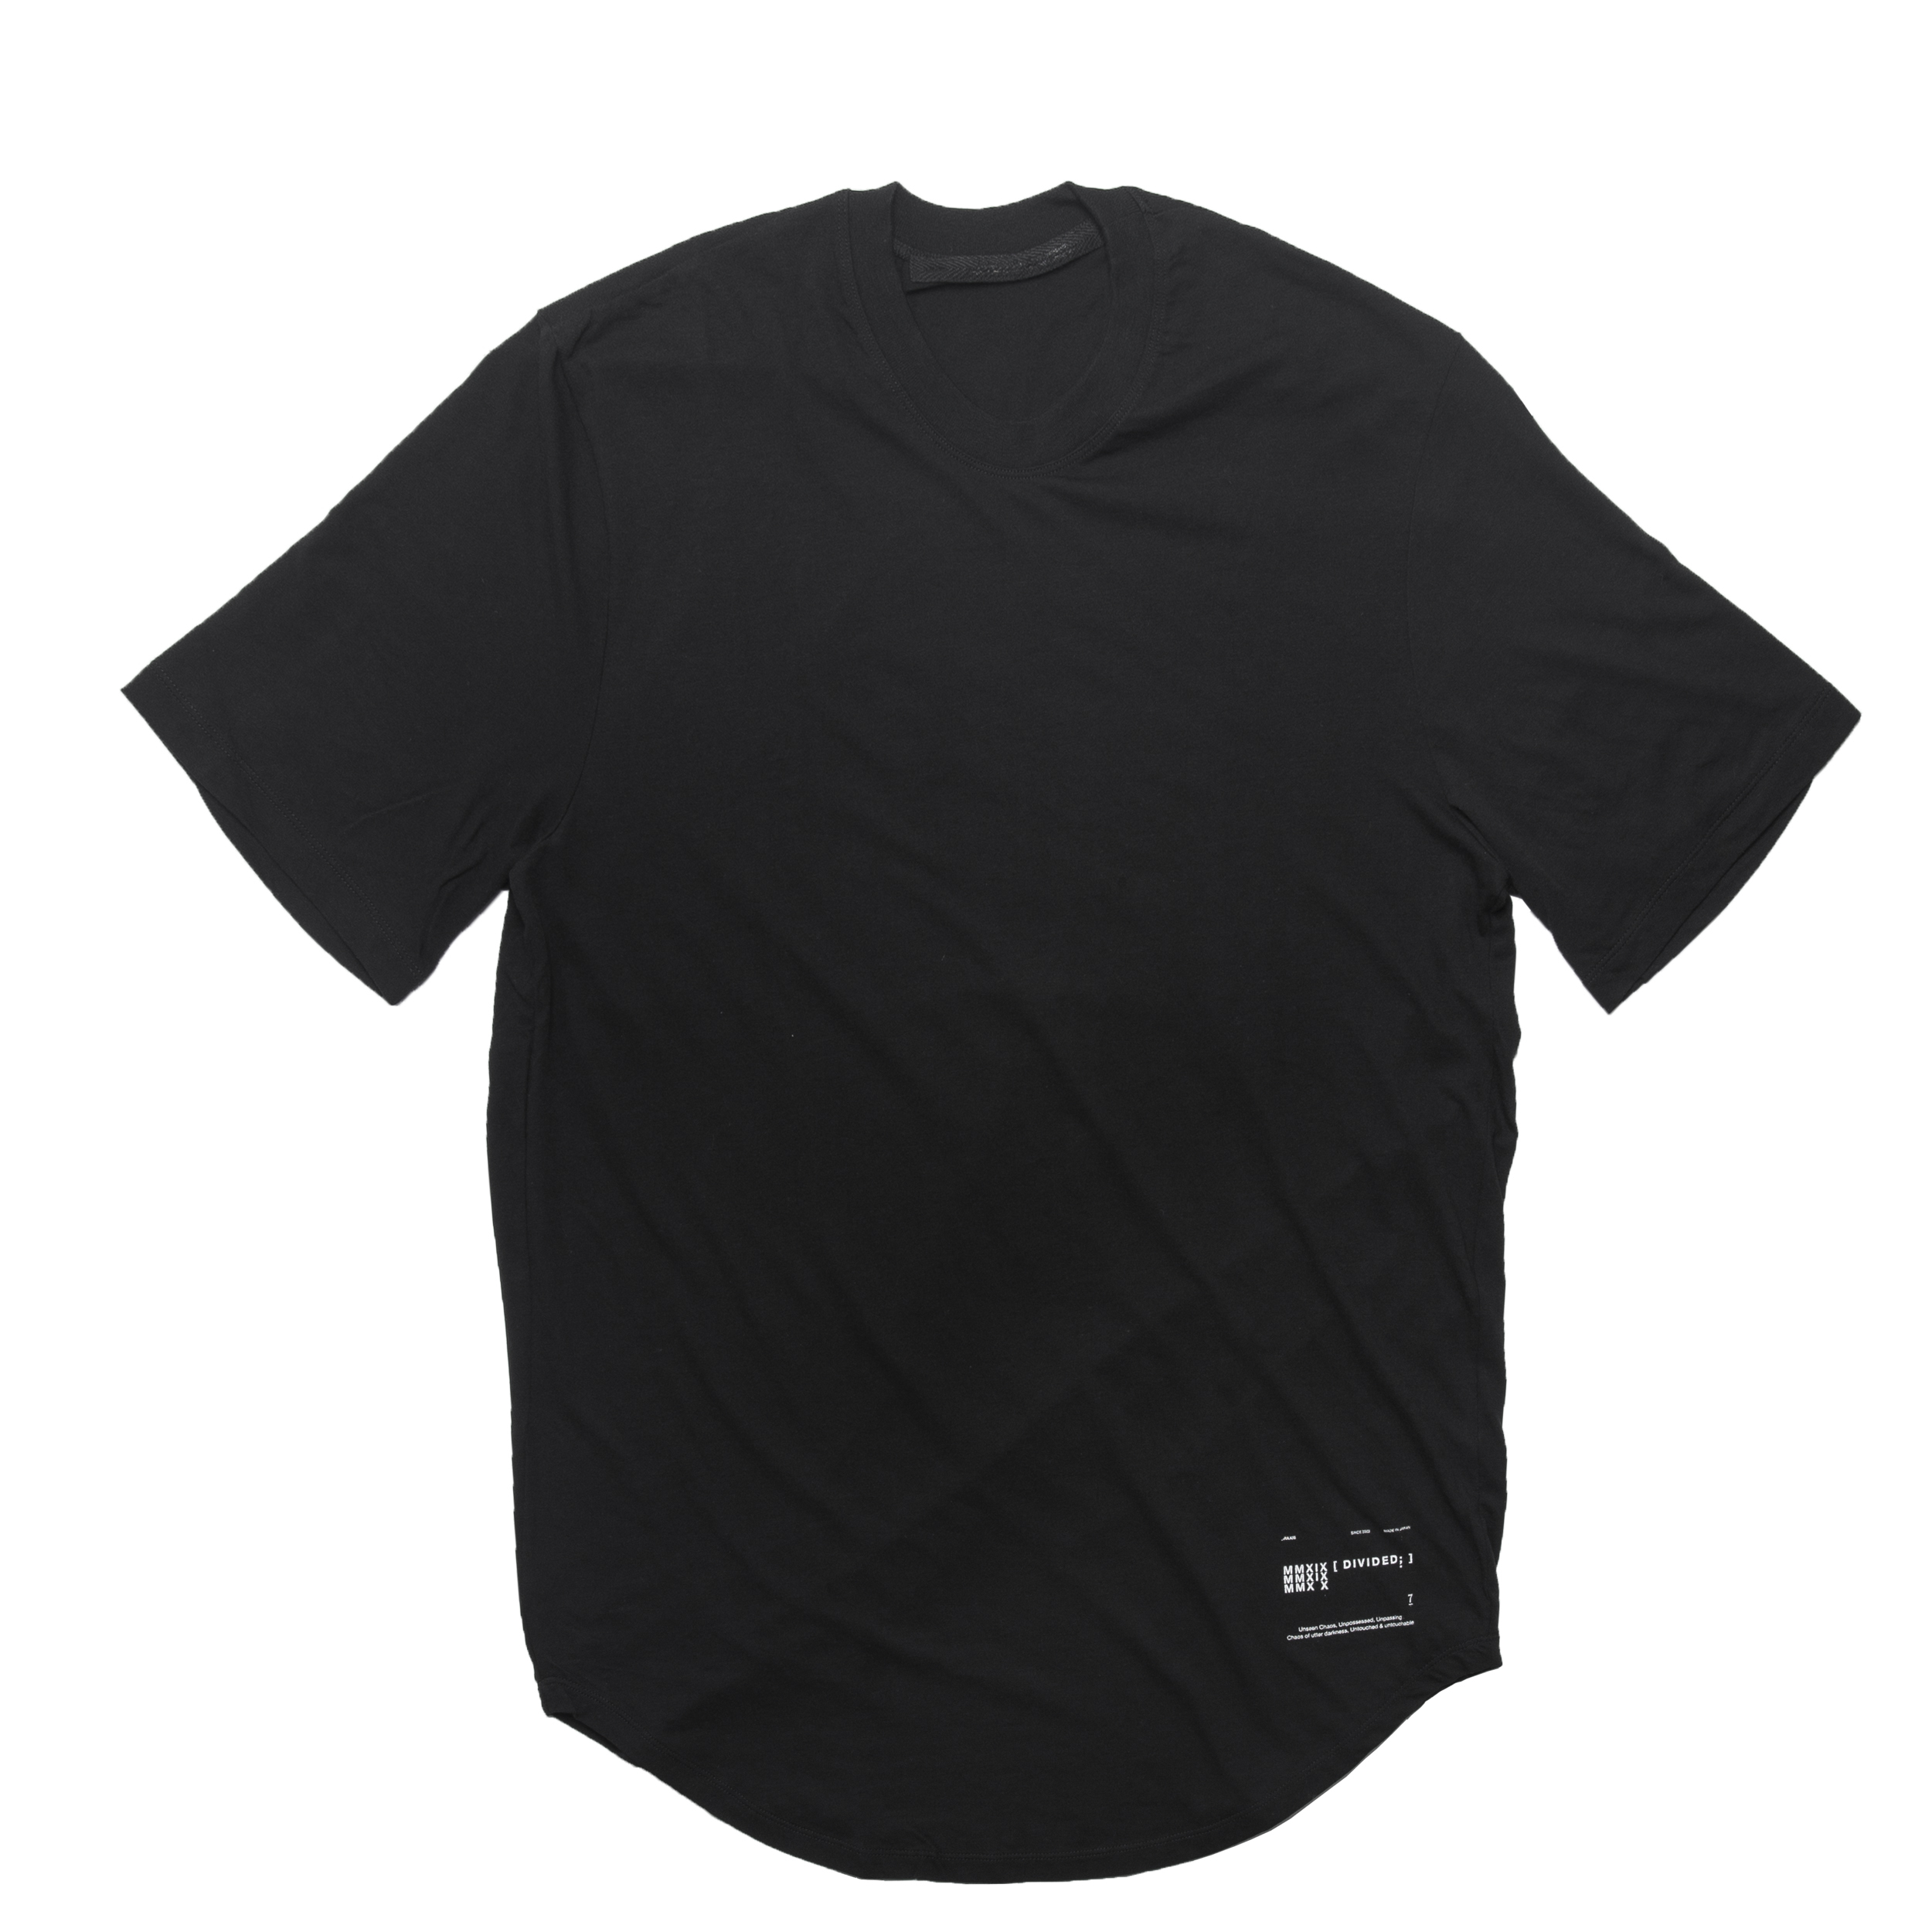 677CPM19-BLACK / ギャザーシームドラウンドTシャツ